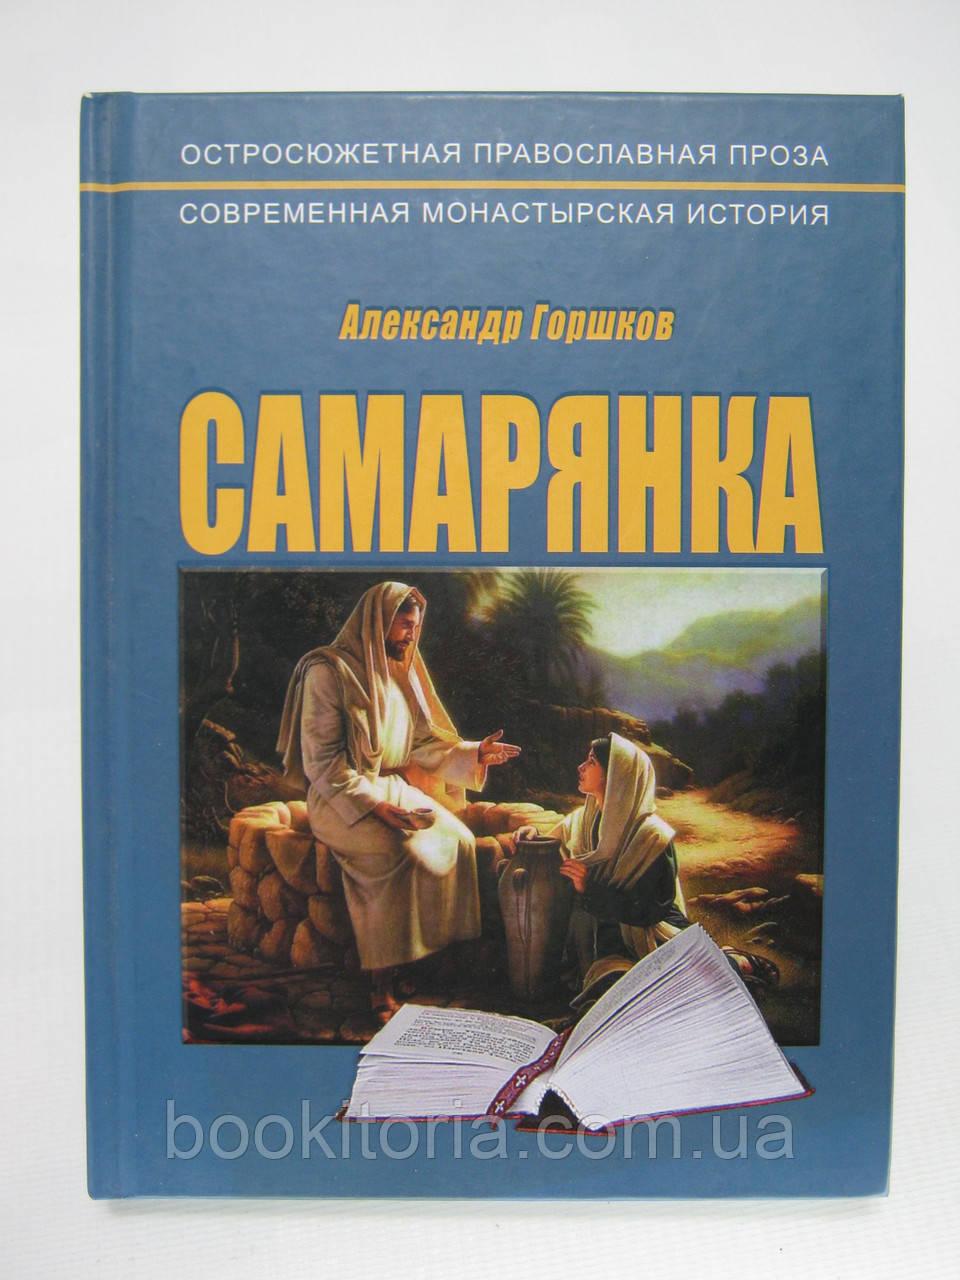 Горшков А. Самарянка (б/у).